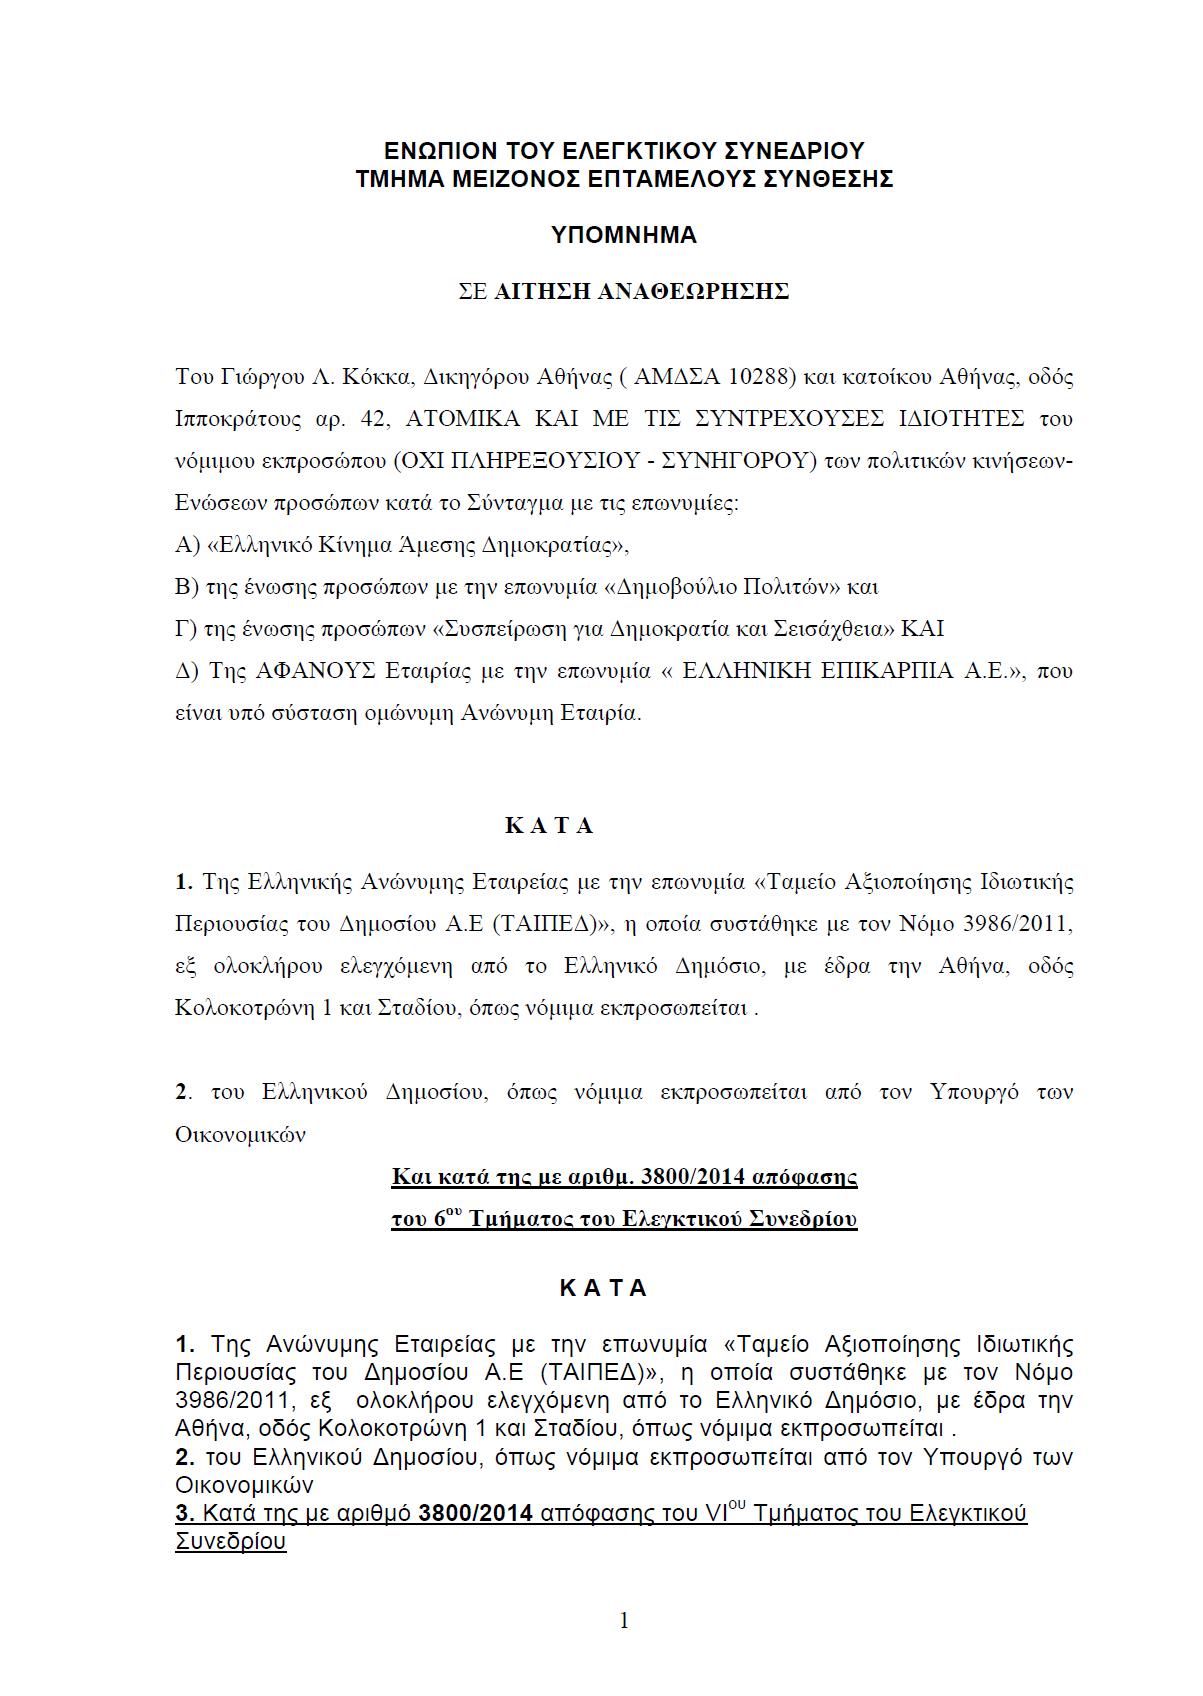 ypomnima-glk-7.1.15-7meli-synthesi-elegktikou-synedriou